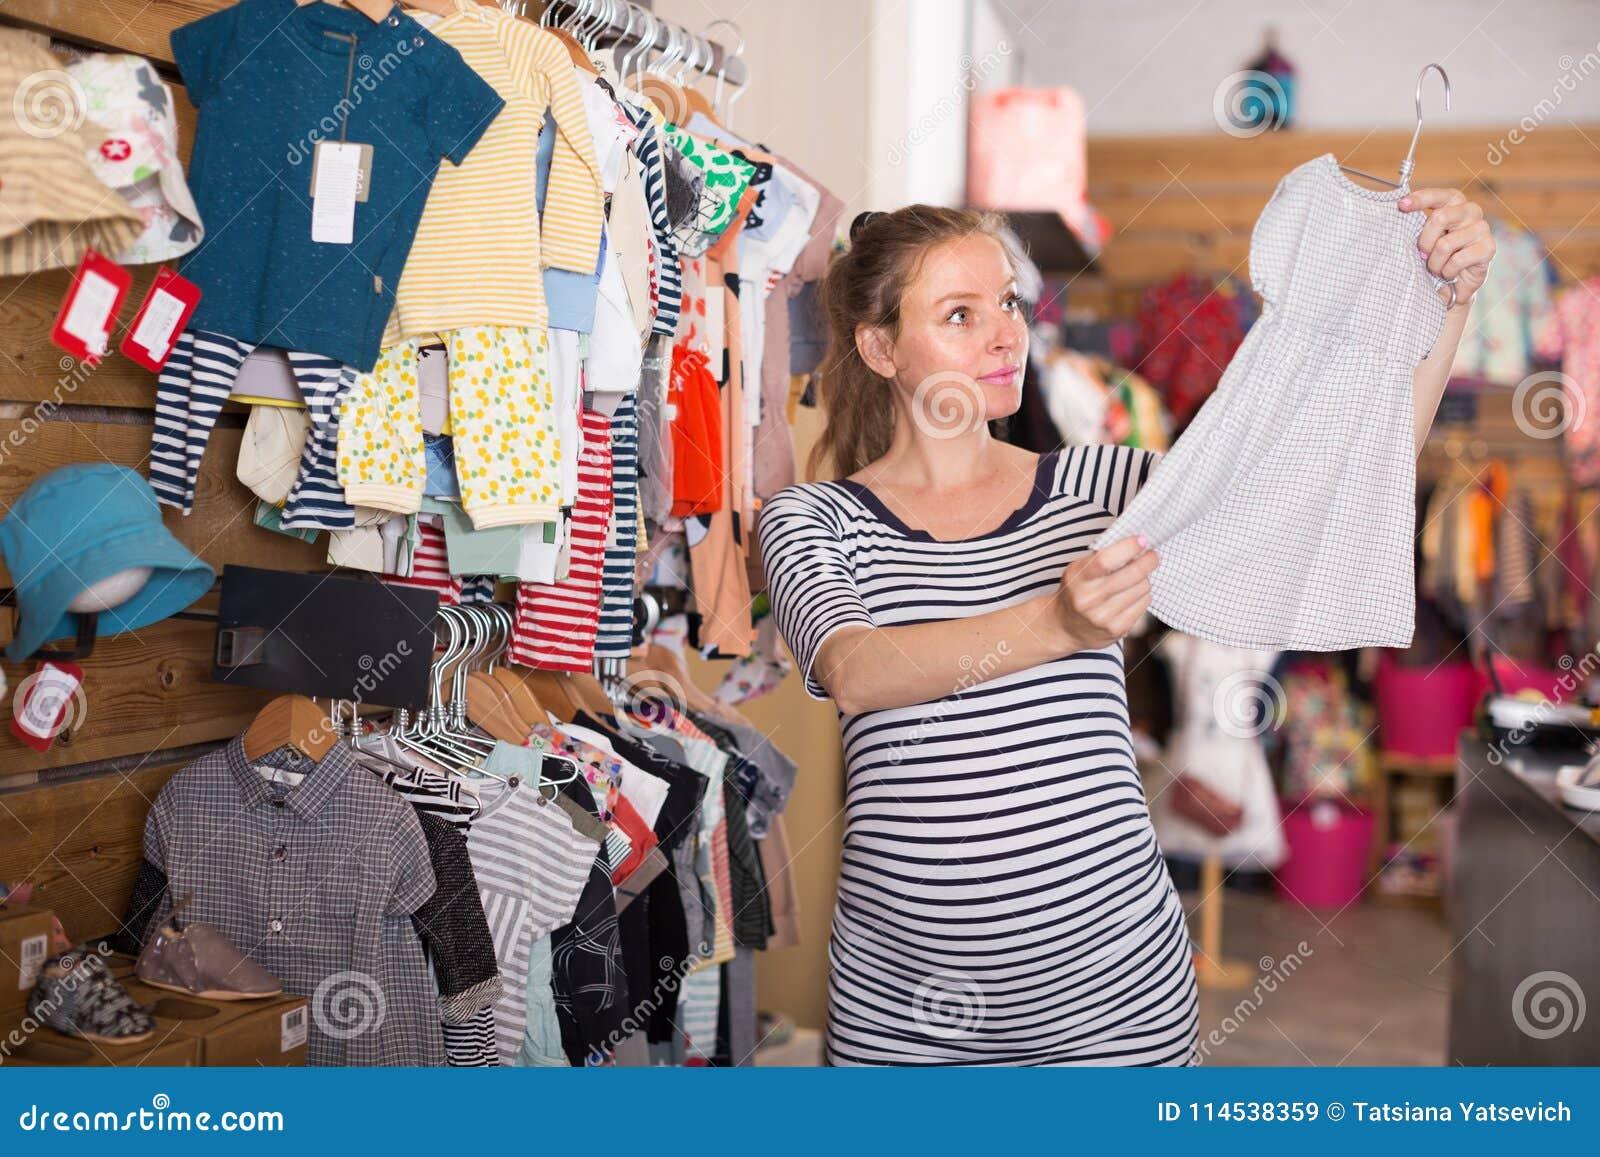 c3e02f327 Compras De La Mujer Embarazada En La Tienda De Ropa Para Los Bebés ...